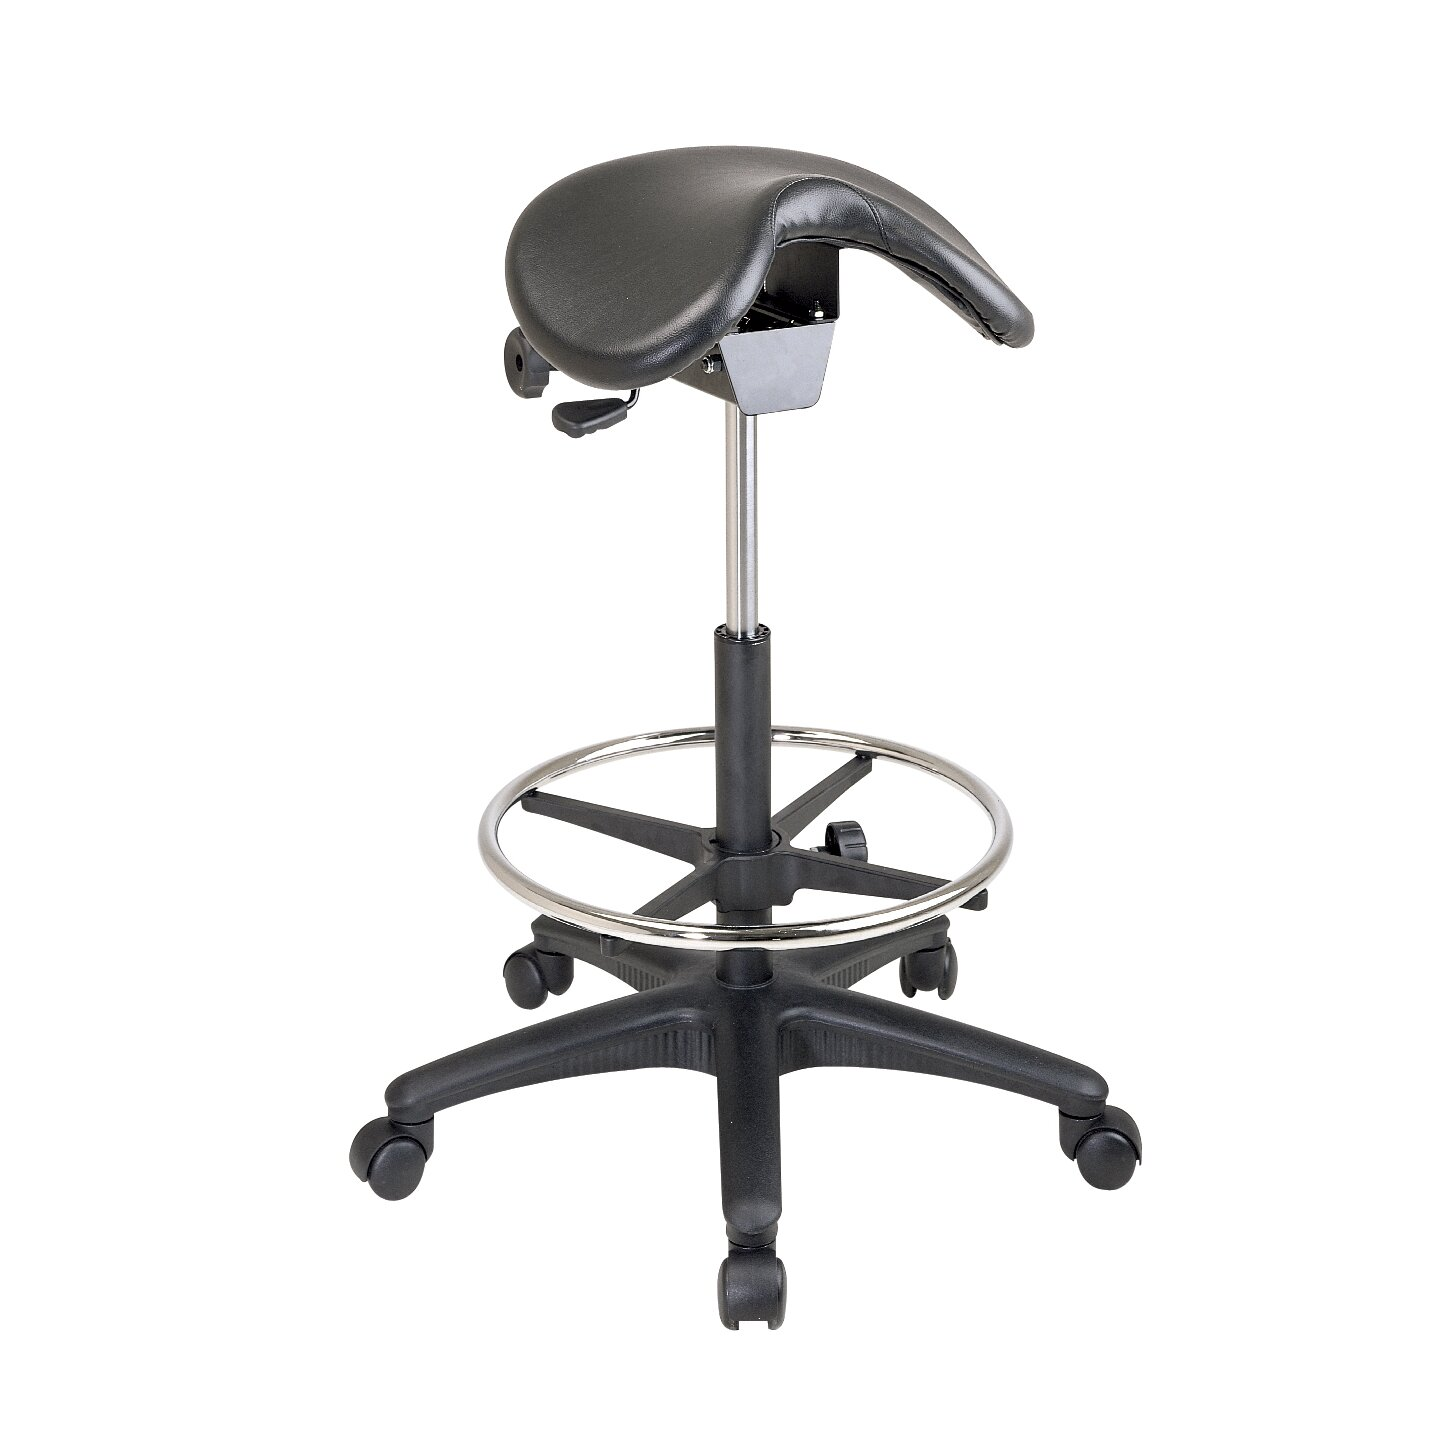 Varick Gallery Arambula Height Adjustable Backless Stool